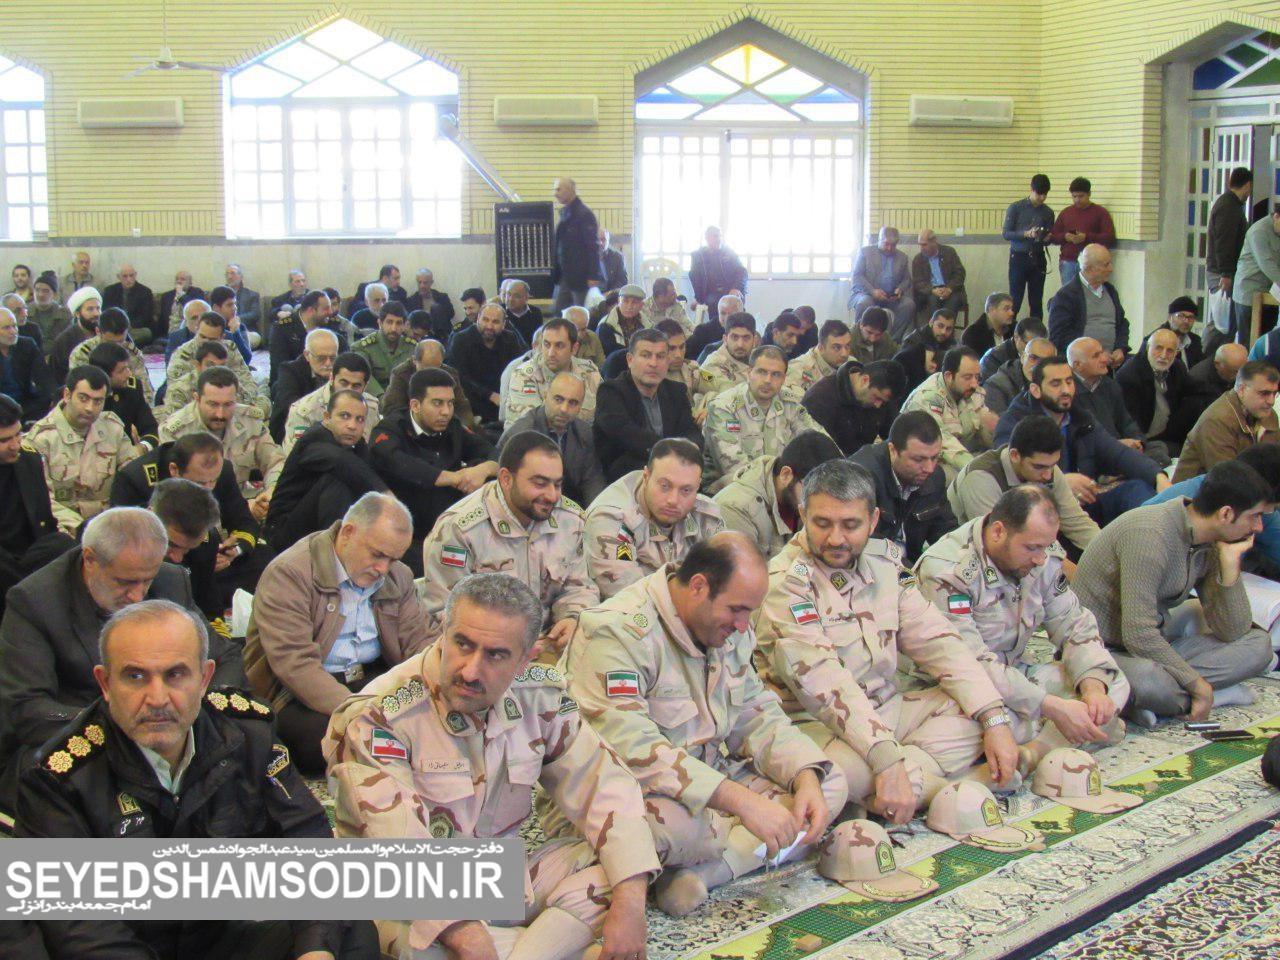 گزارش تصویری / نماز جمعه – ۱۵ بهمن ماه